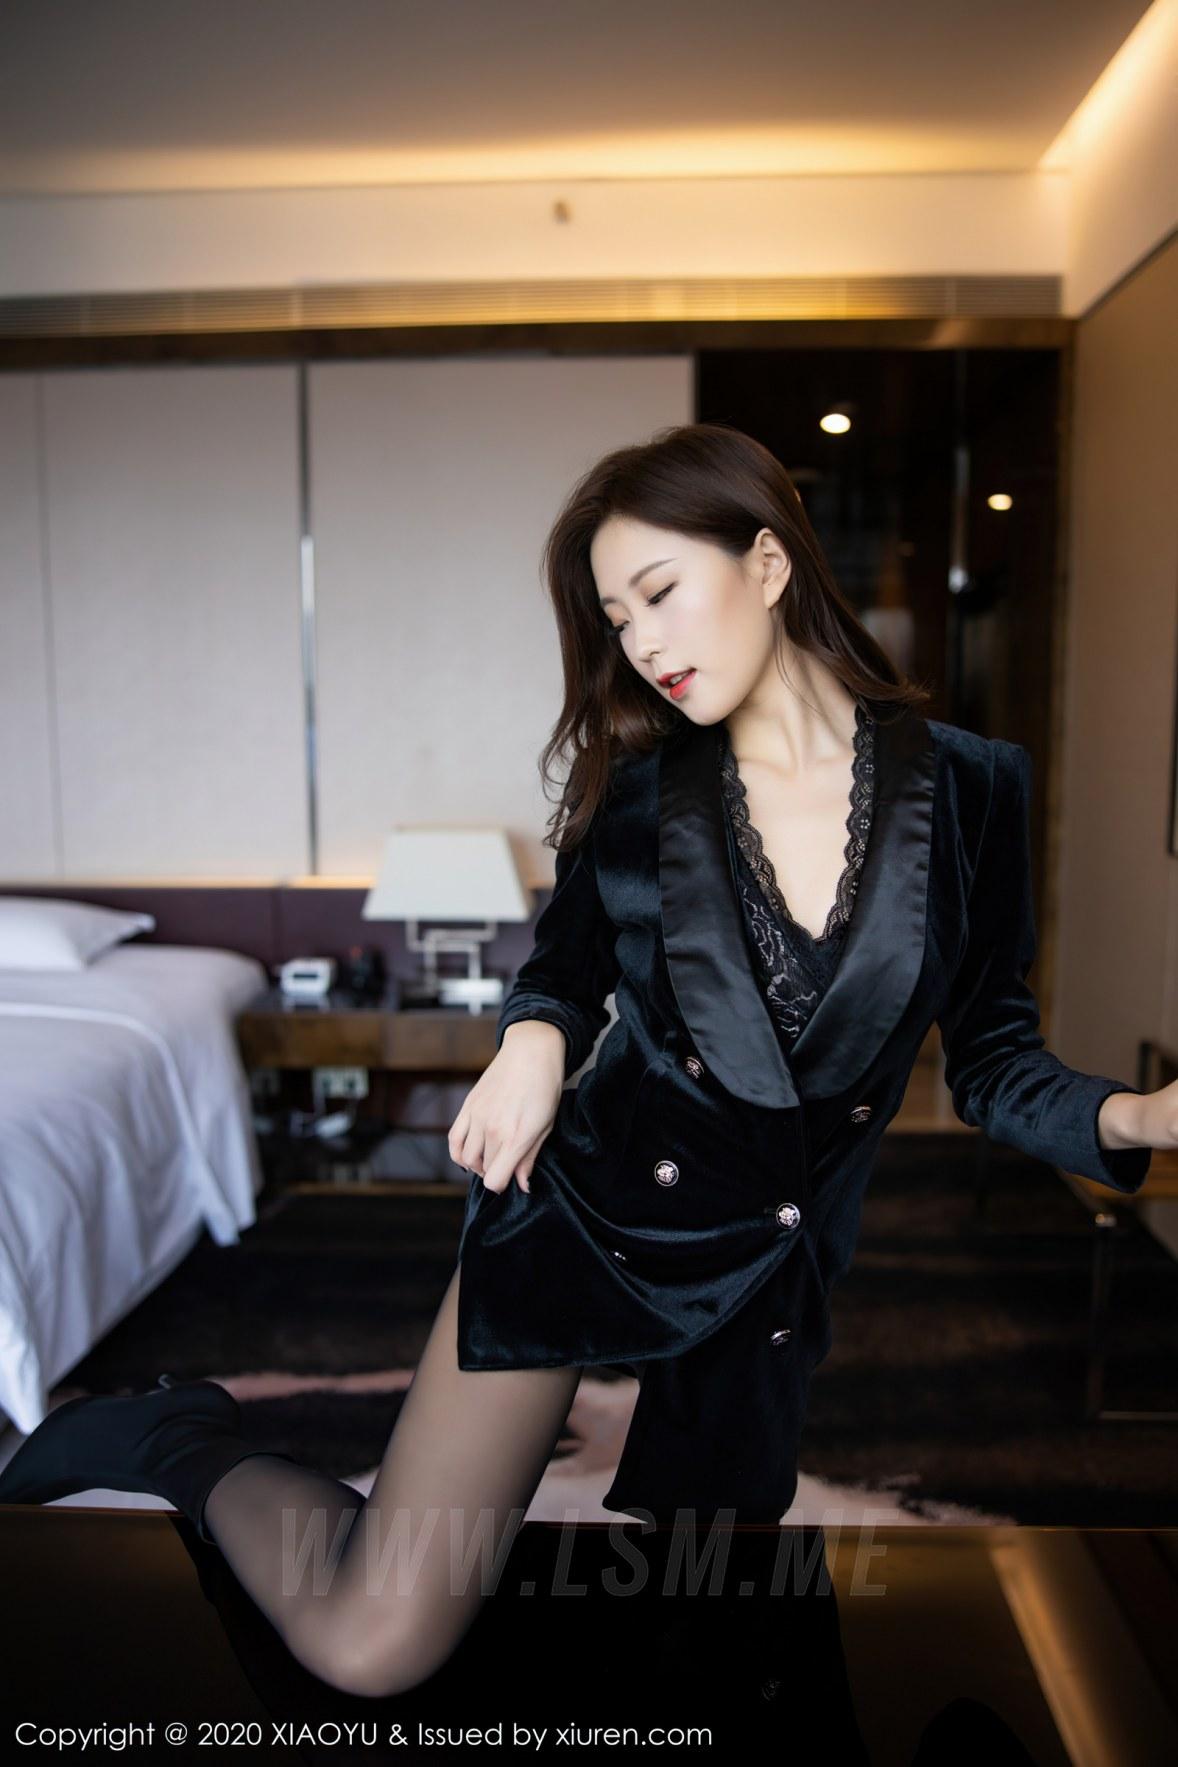 XIAOYU  语画界 Vol.400 杨紫嫣 都市风格装扮修长美腿 - 4